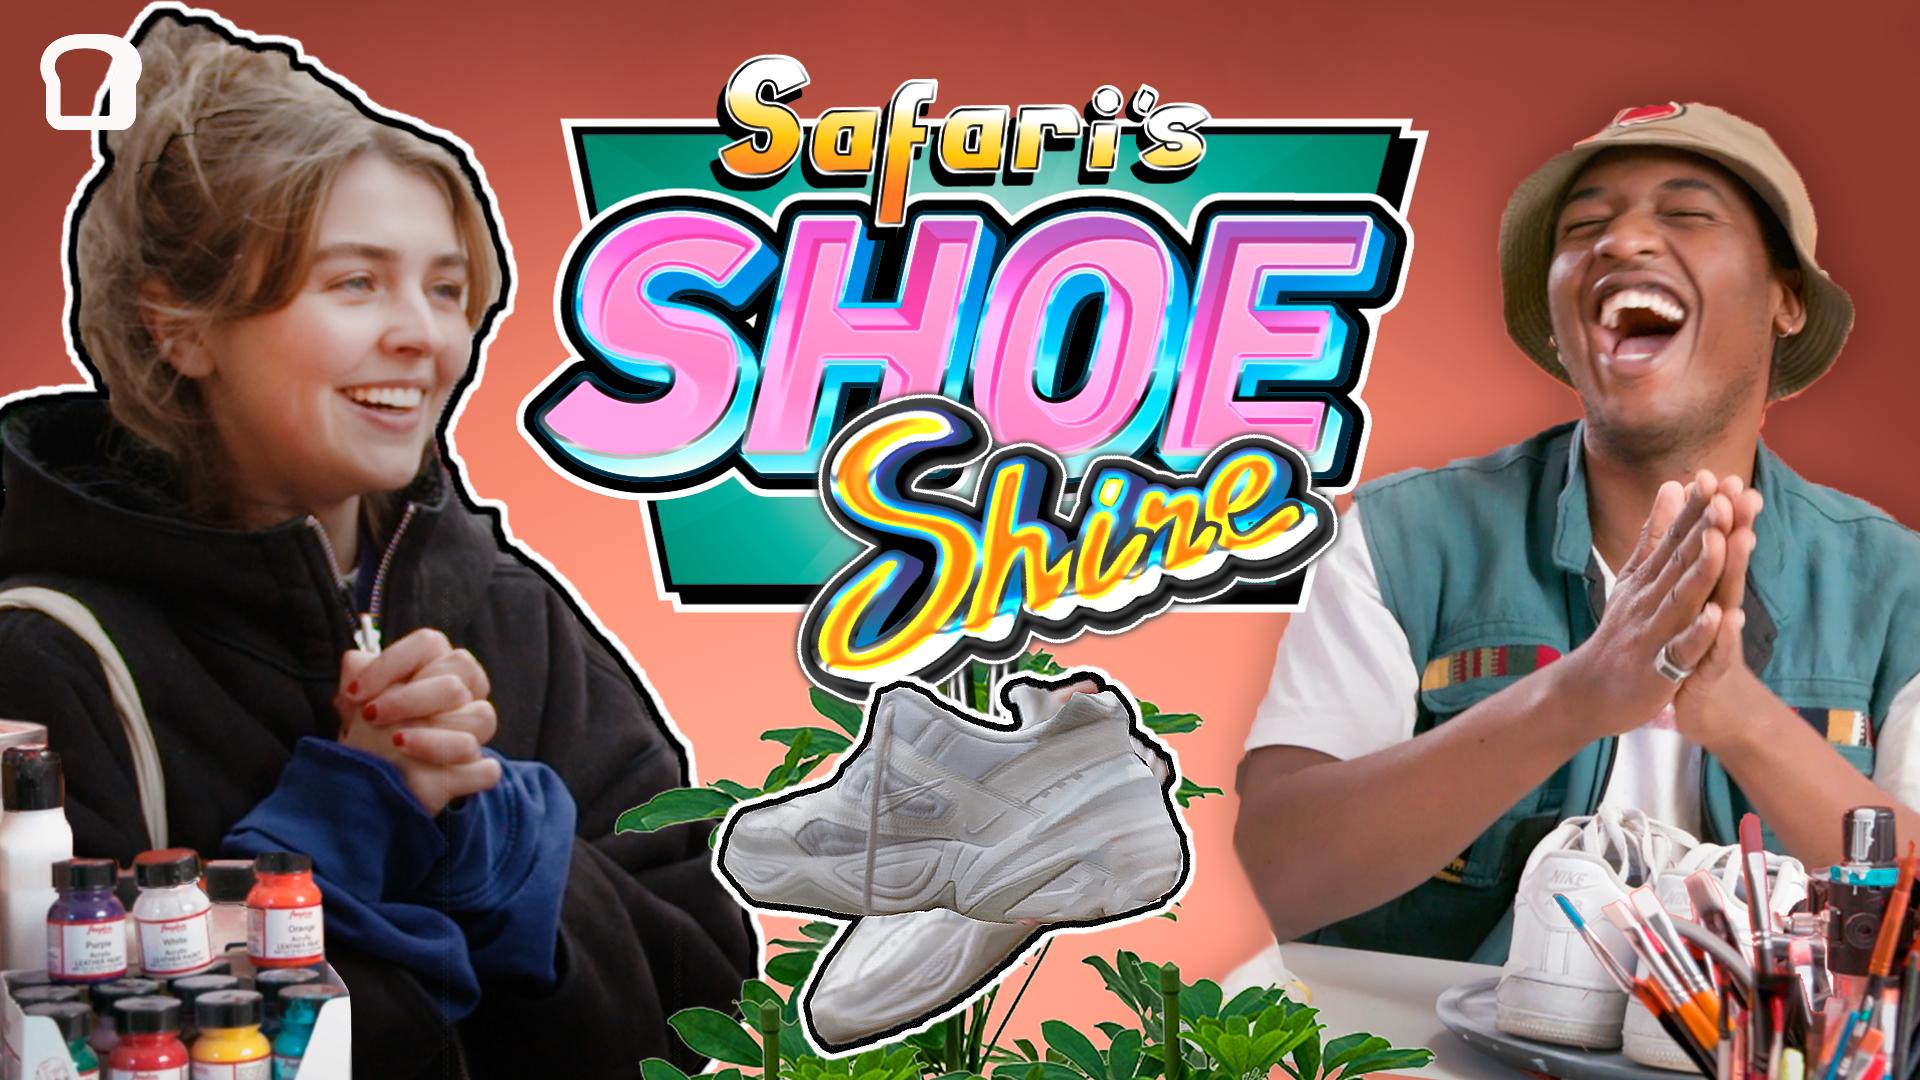 Annika fra 4ETG er blant de generøse som gir bort et par av sine elskede sko, for at de skal få nytt liv, og nye eiere å glede. Vi håper du gleder deg til å se skoene etter en heftig pimping hos Safari.